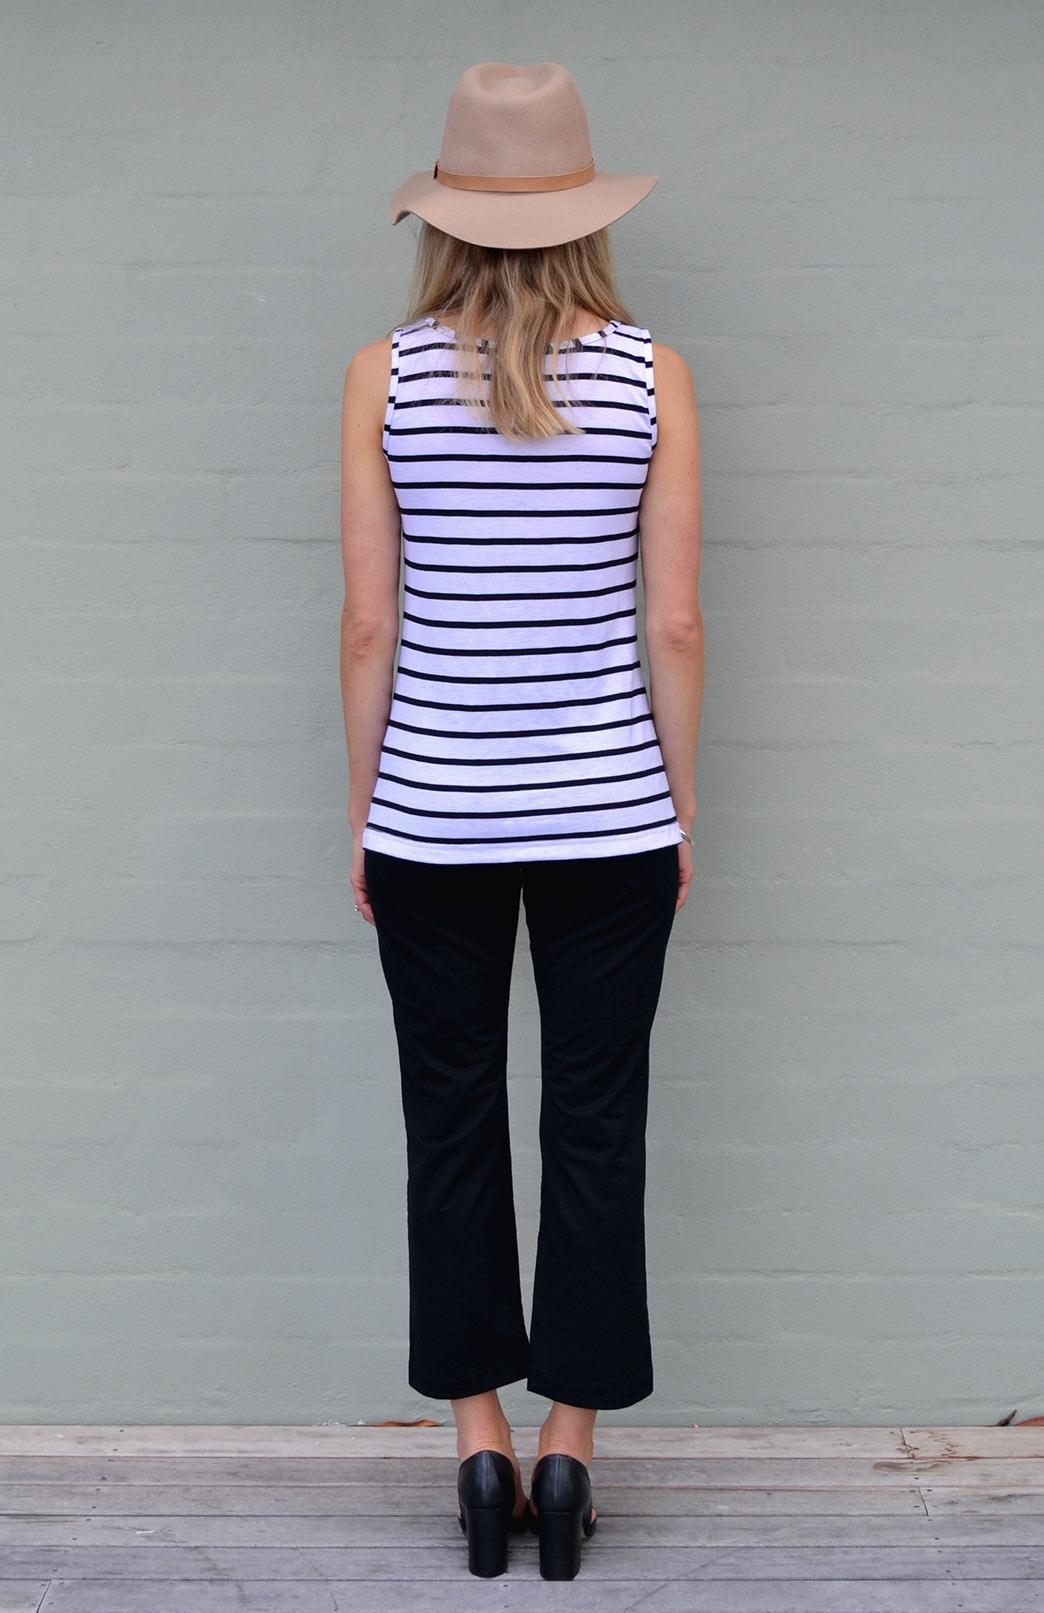 Capri Top Women S White And Black Striped Merino Wool